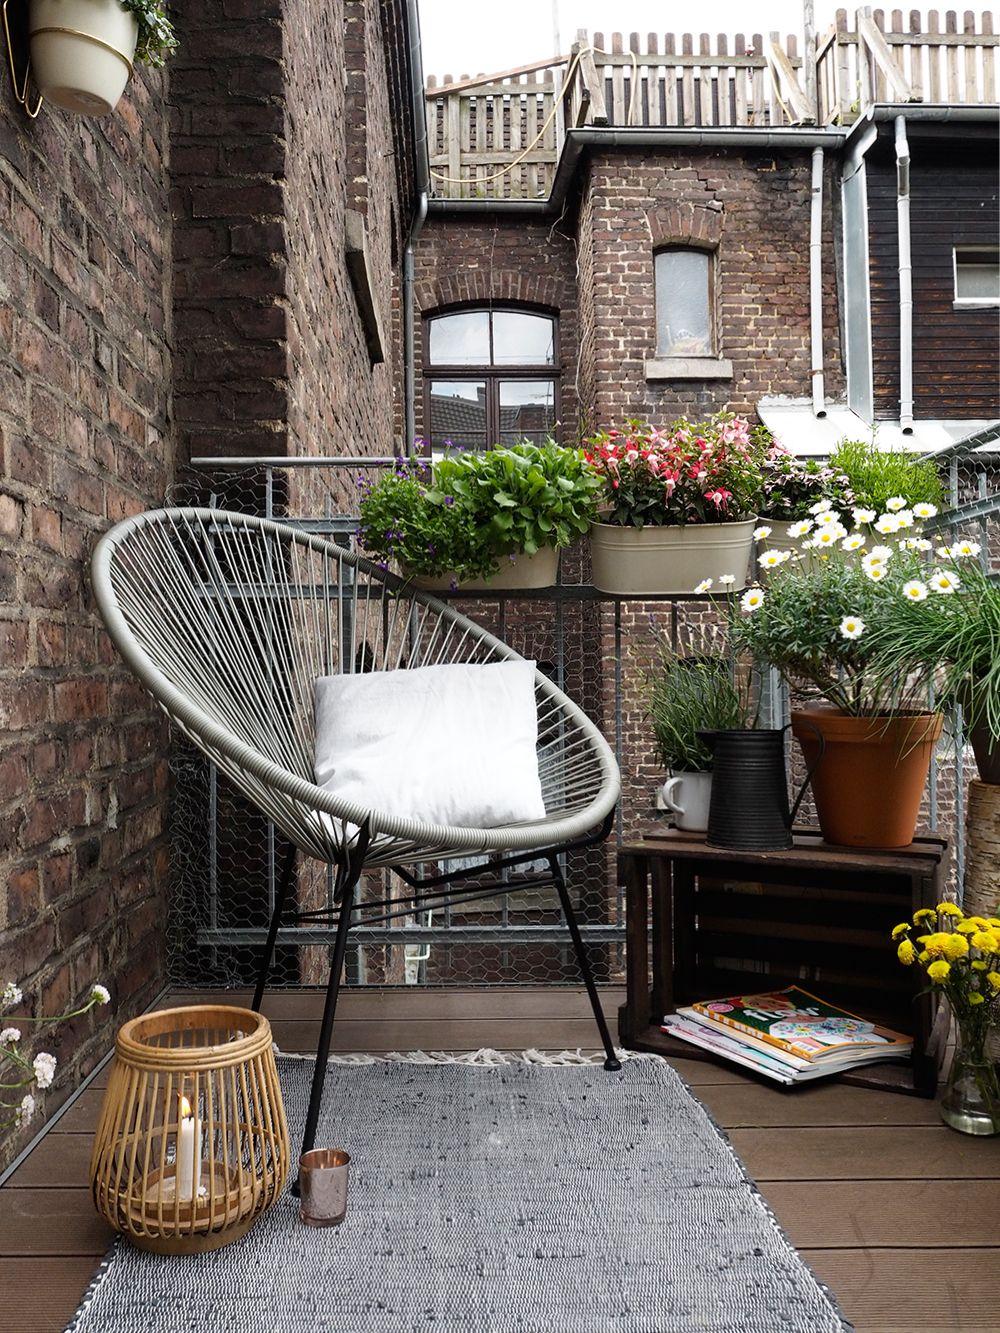 Mit Diesen Tipps Wird Ein Kleiner Balkon Zur Stadtoase Kleines